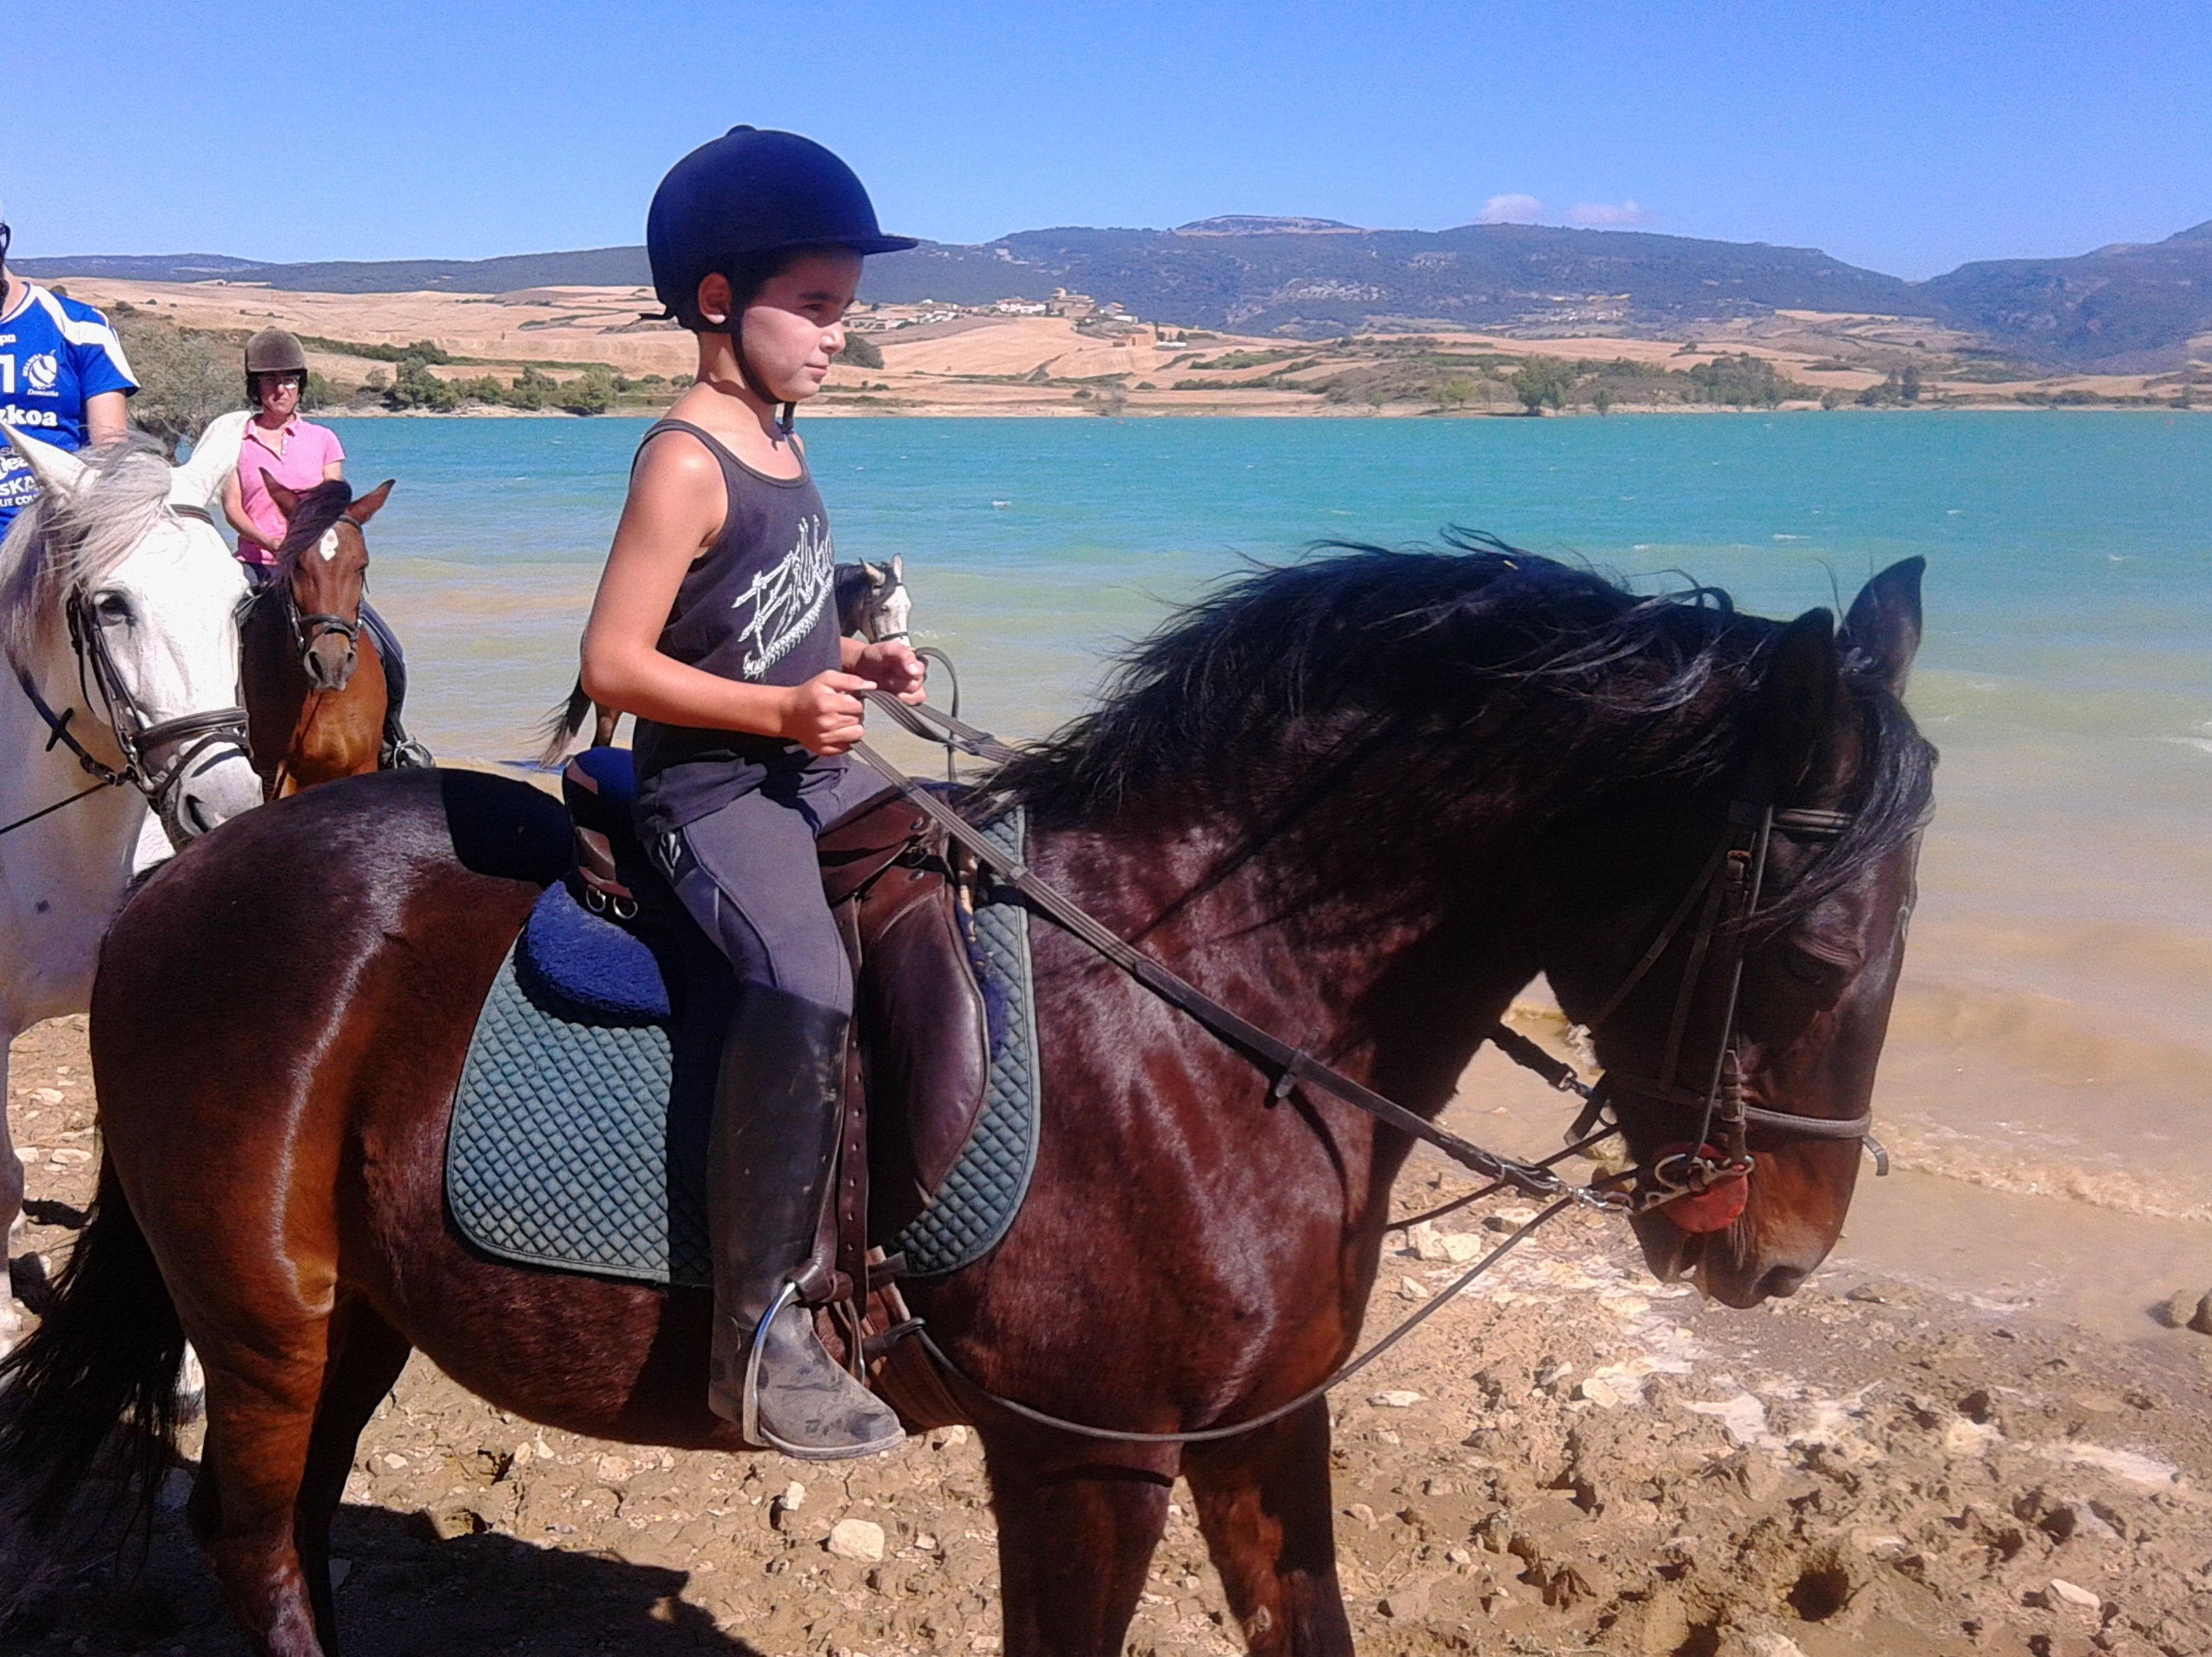 Foto 20 de Centro de equitación y equinoterapia en Labiano | Centro de Equitación y Equinoterapia Biki Blasco